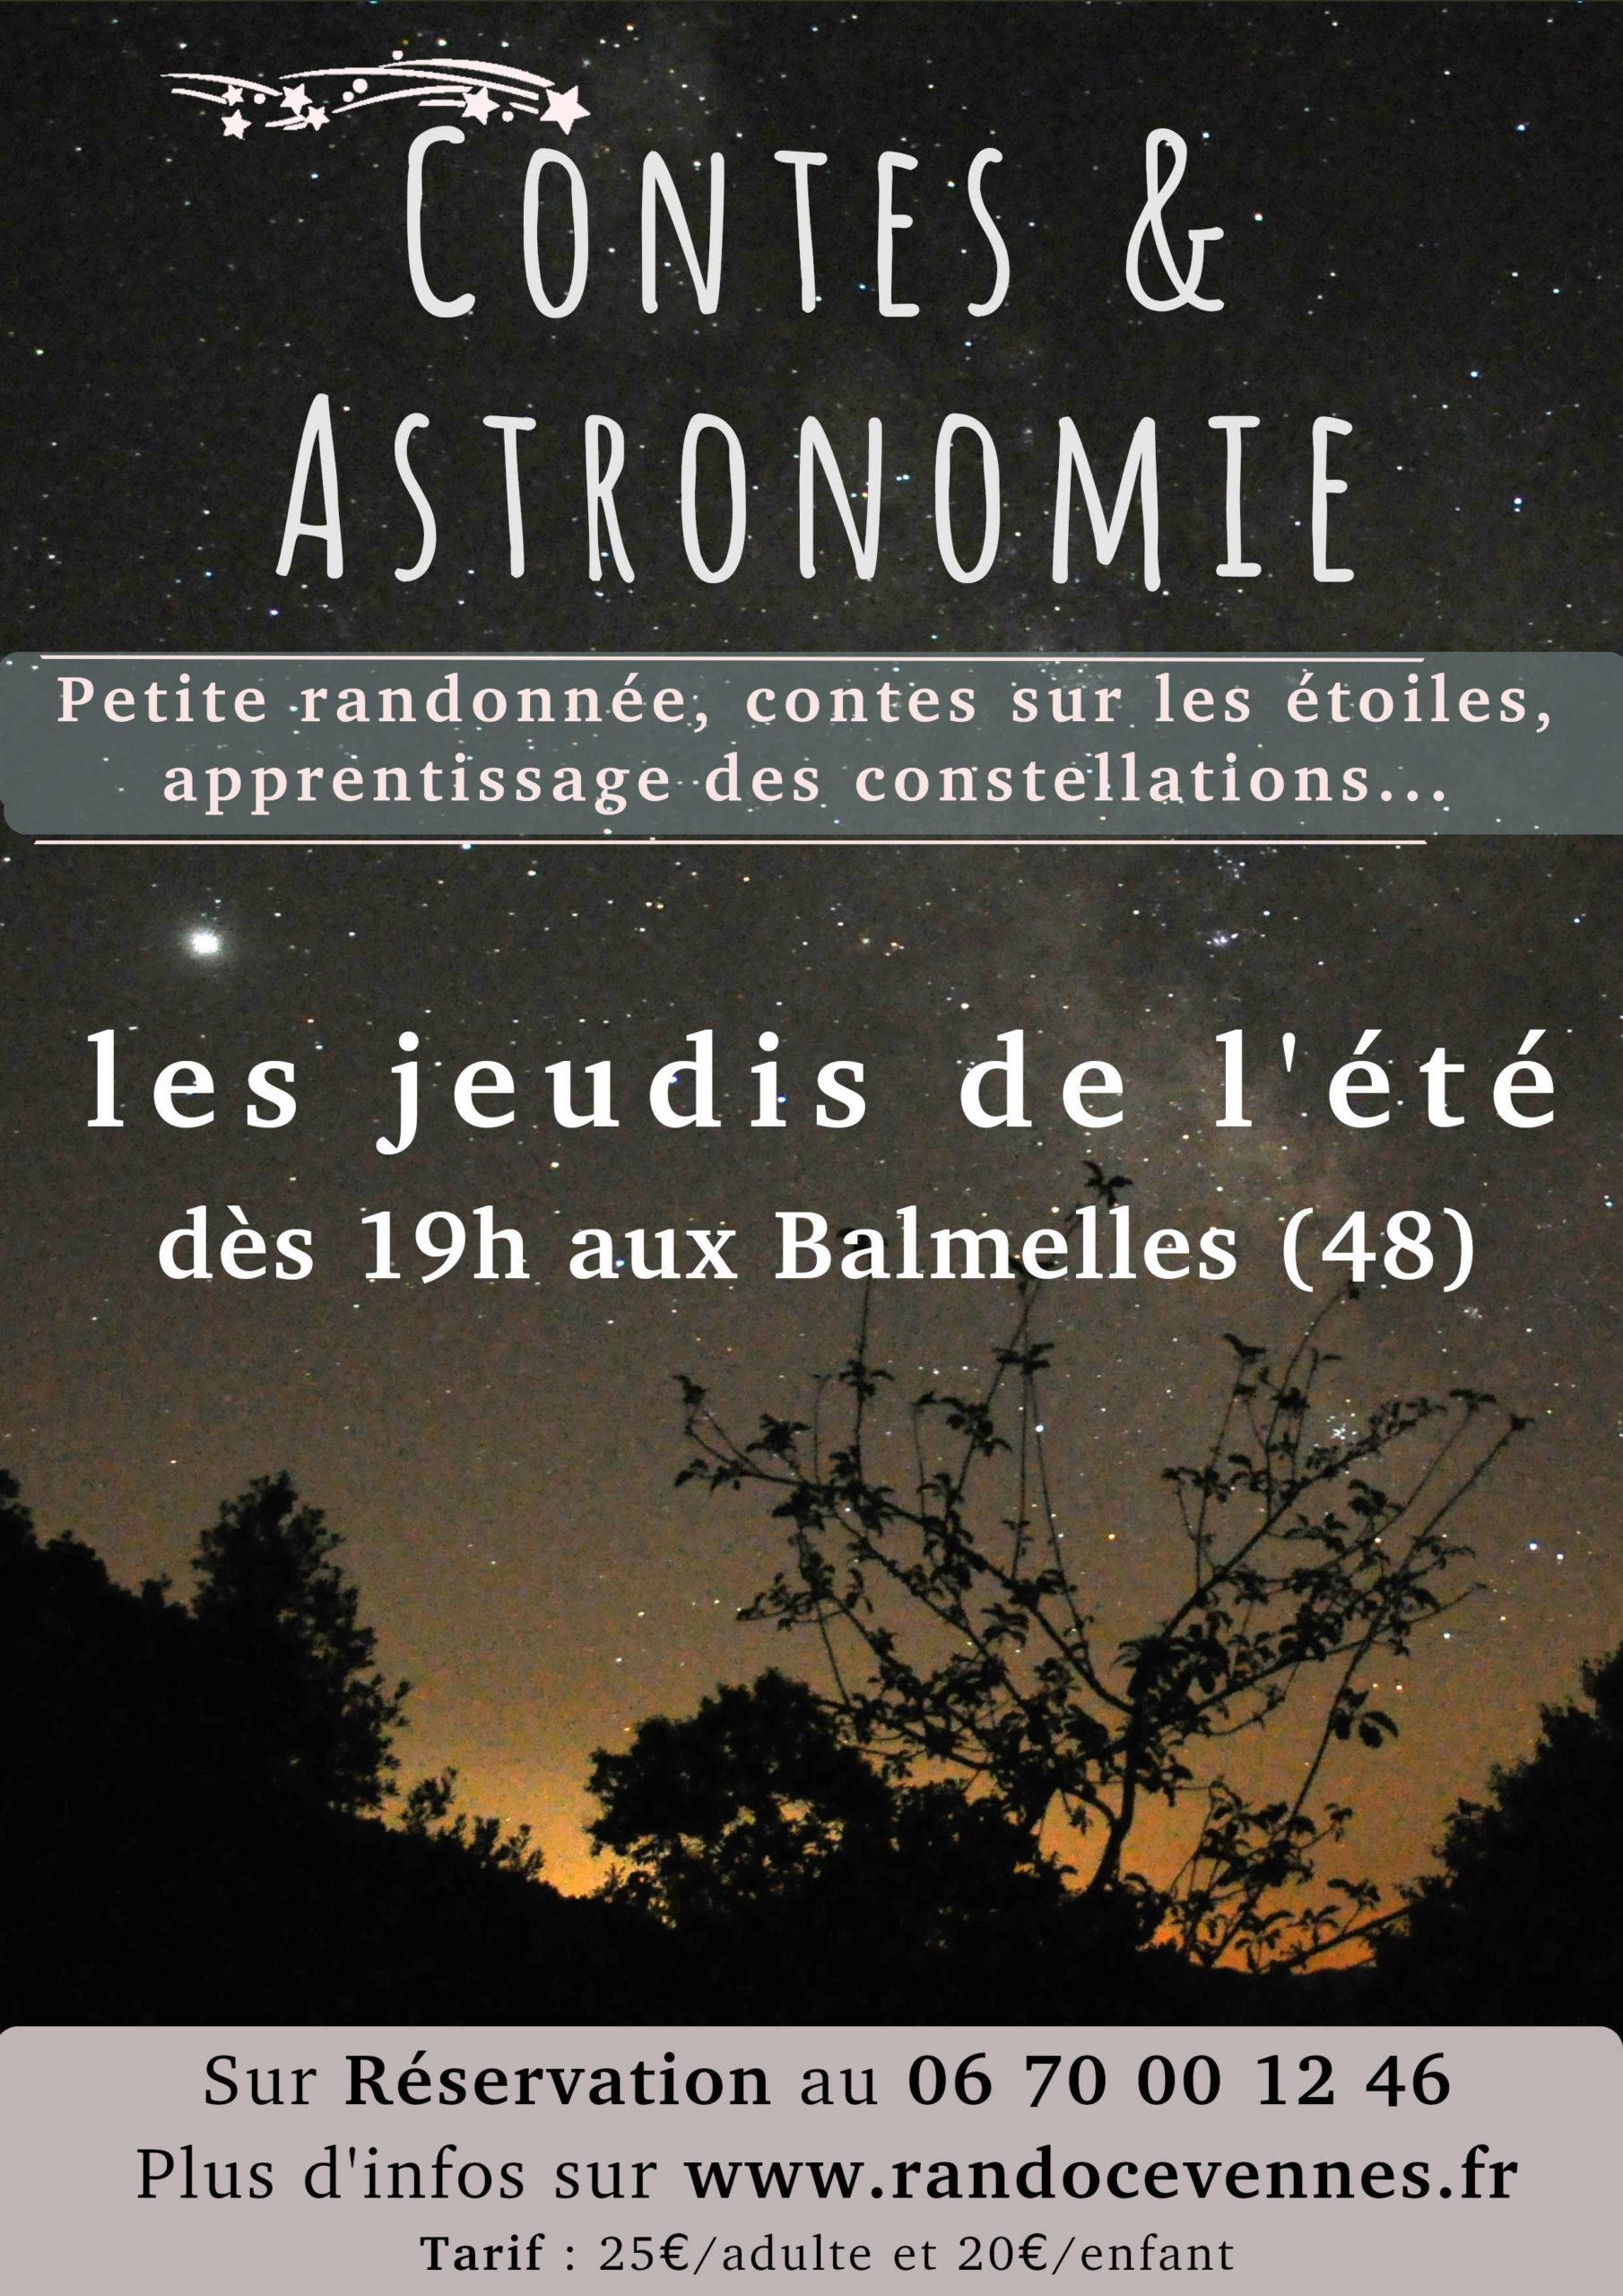 Soirée Astronomie & contes